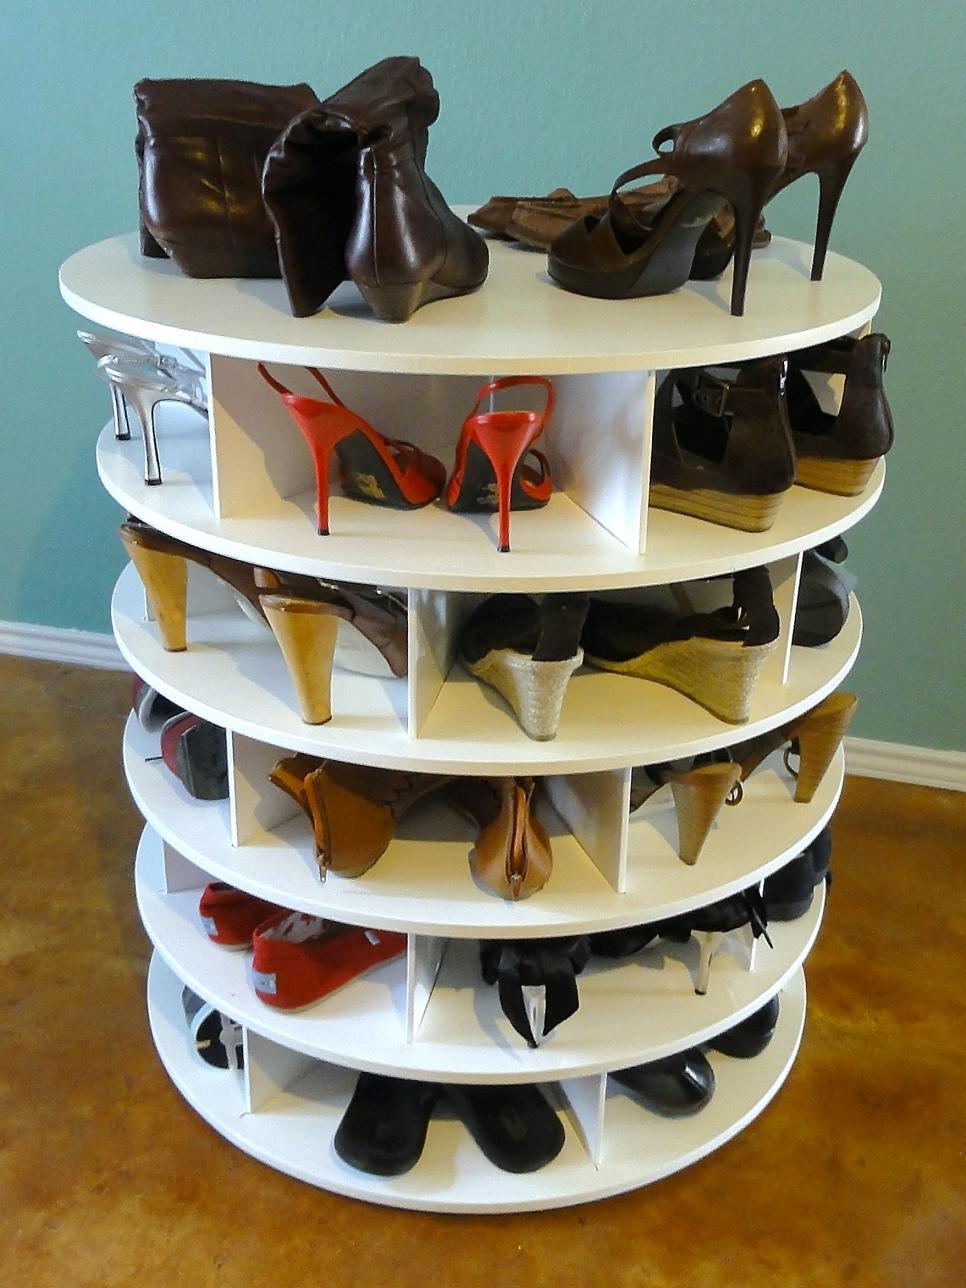 Original_Leonard-Parker-lazy-susan-shoe-storage_hgtv_s3x4.jpg.rend.hgtvcom.966.1288.jpeg